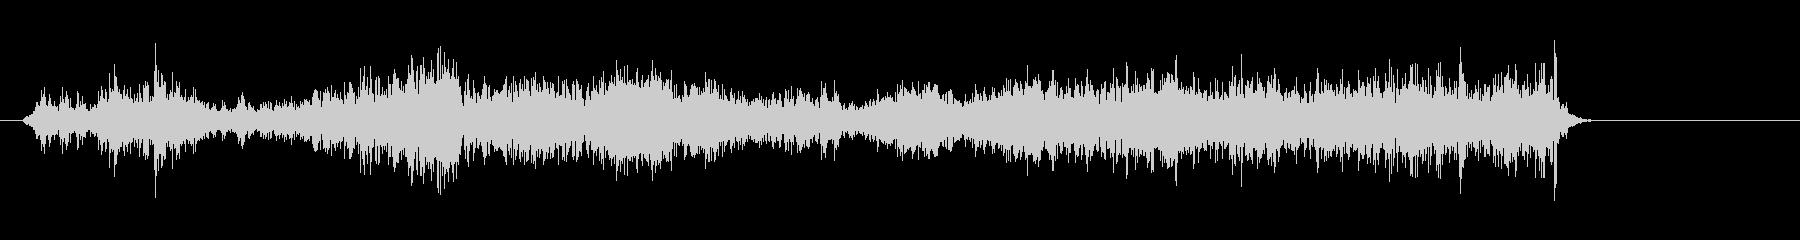 ジリジリ(紙をこする・破る音)の未再生の波形